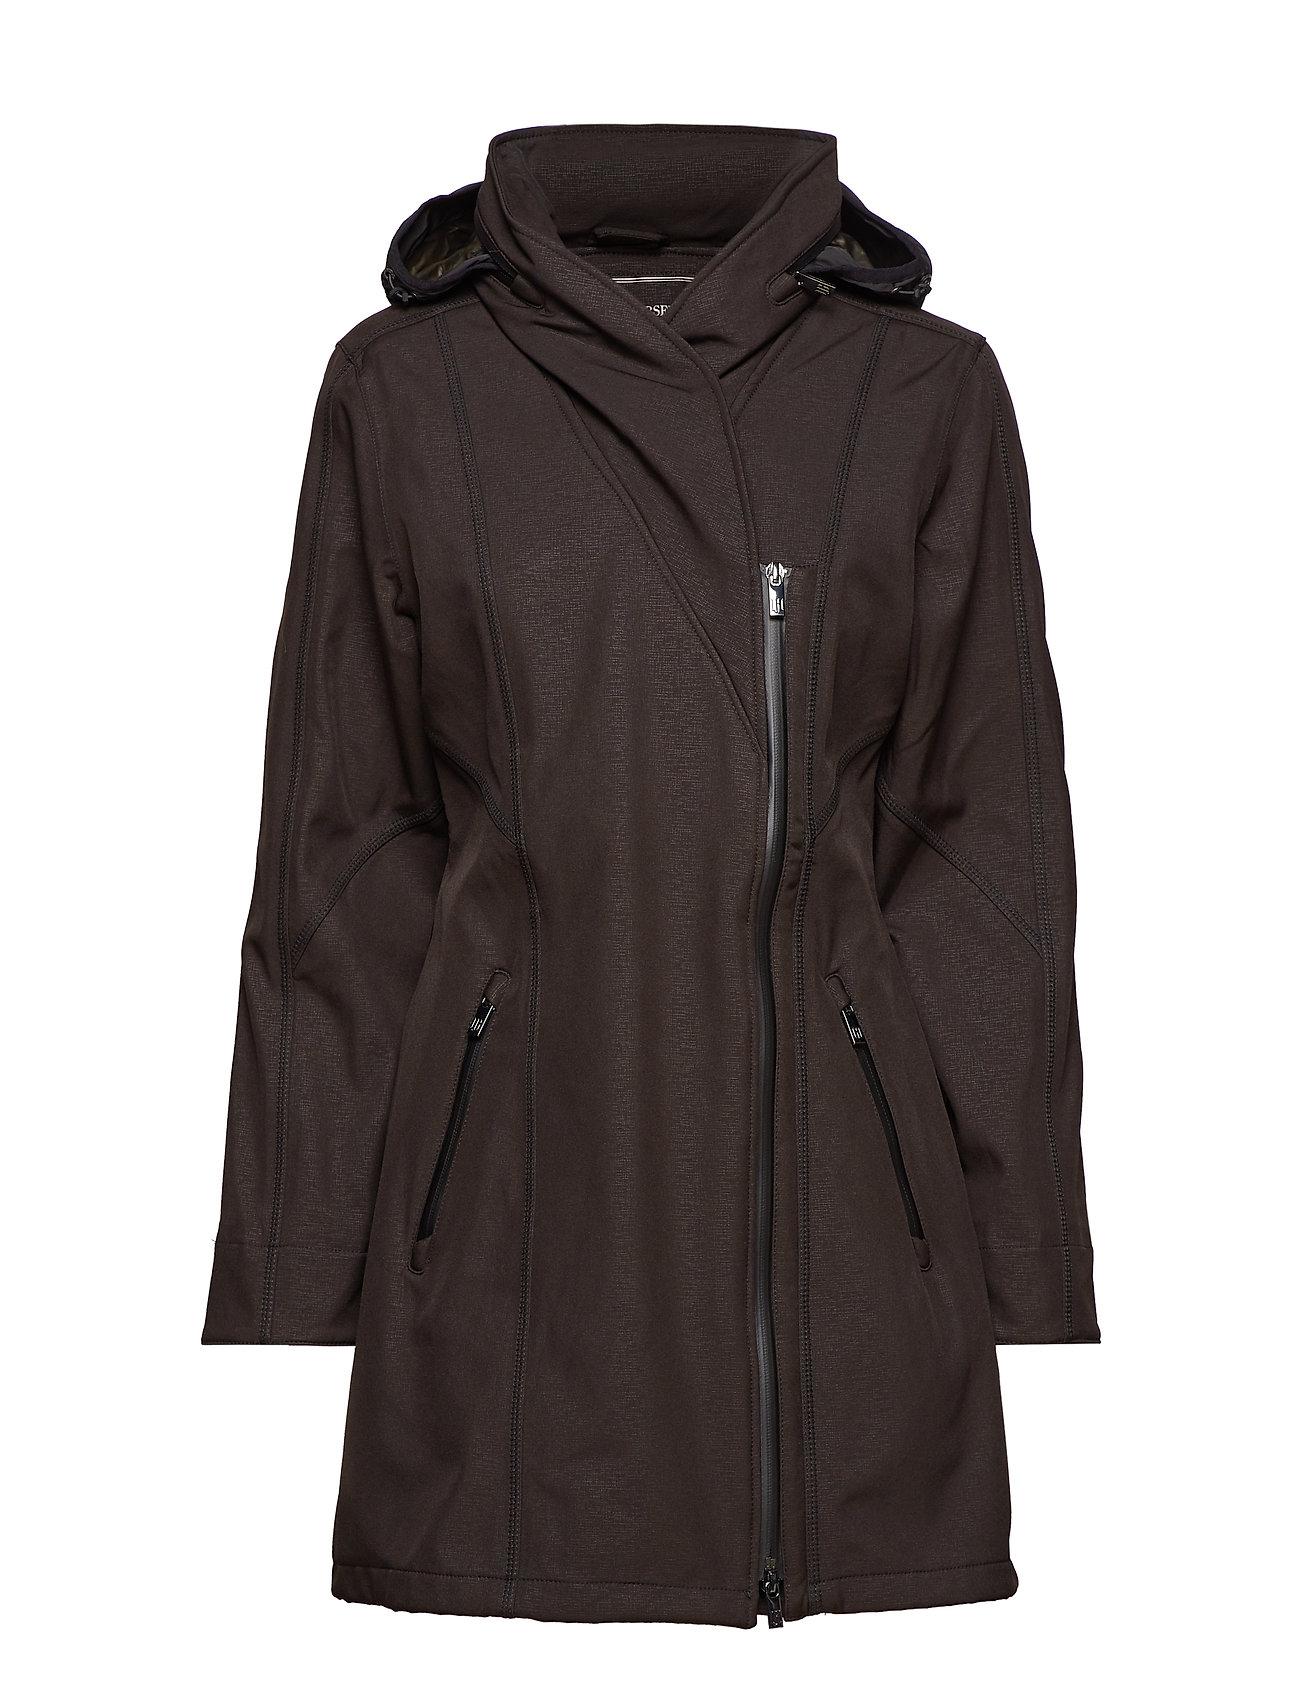 3 4 Jacobsen RaincoatblackIlse RaincoatblackIlse 4 Jacobsen 4 3 3 RaincoatblackIlse 3 Jacobsen sQhdrt